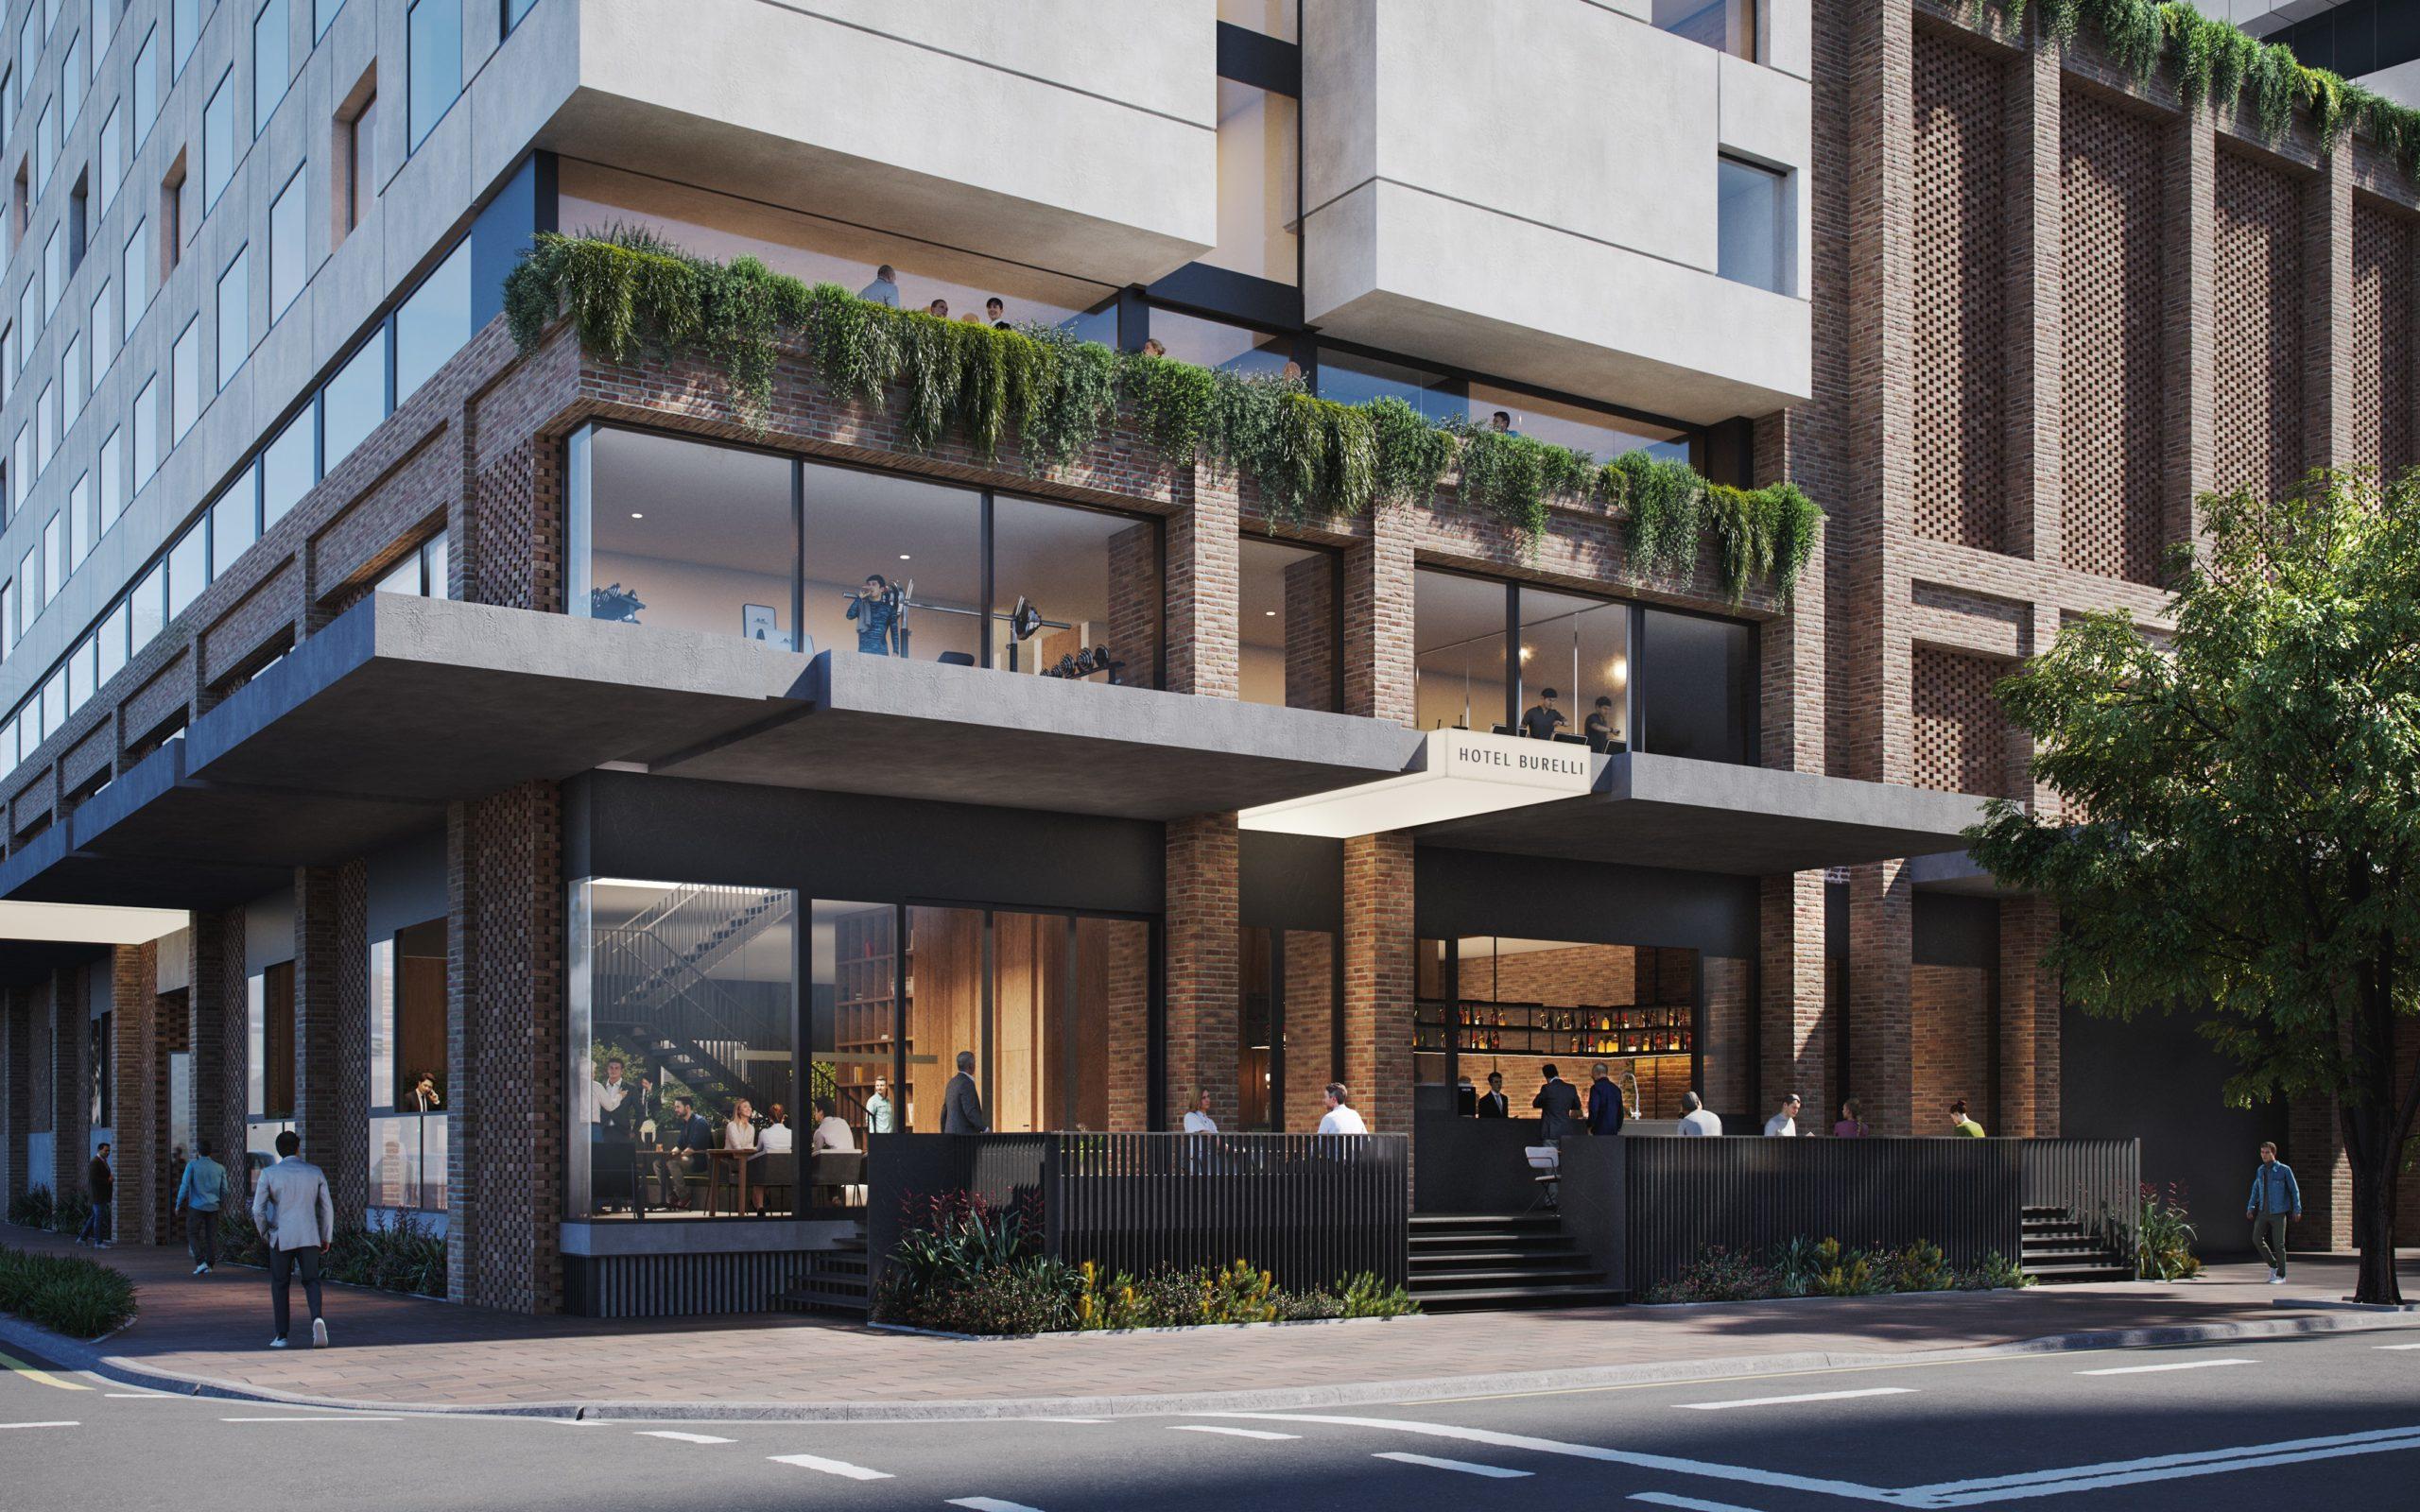 NH Hotels llegará a Australia en 2023 con sus hoteles urbanos